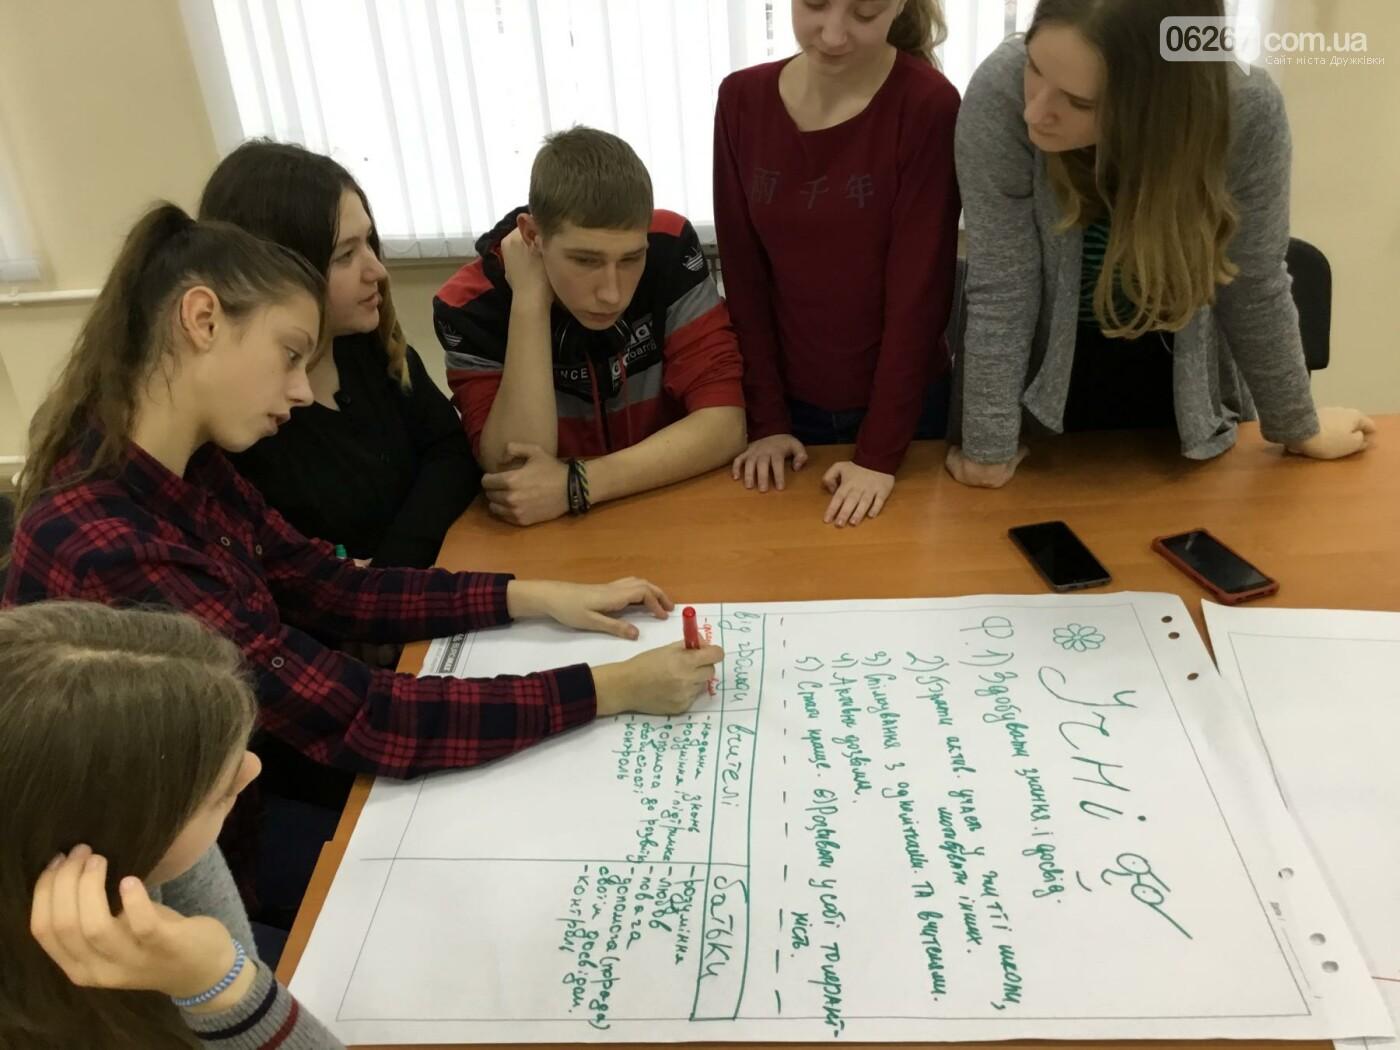 В Дружковке опорная школа становится светочем демократии  (ФОТО), фото-10